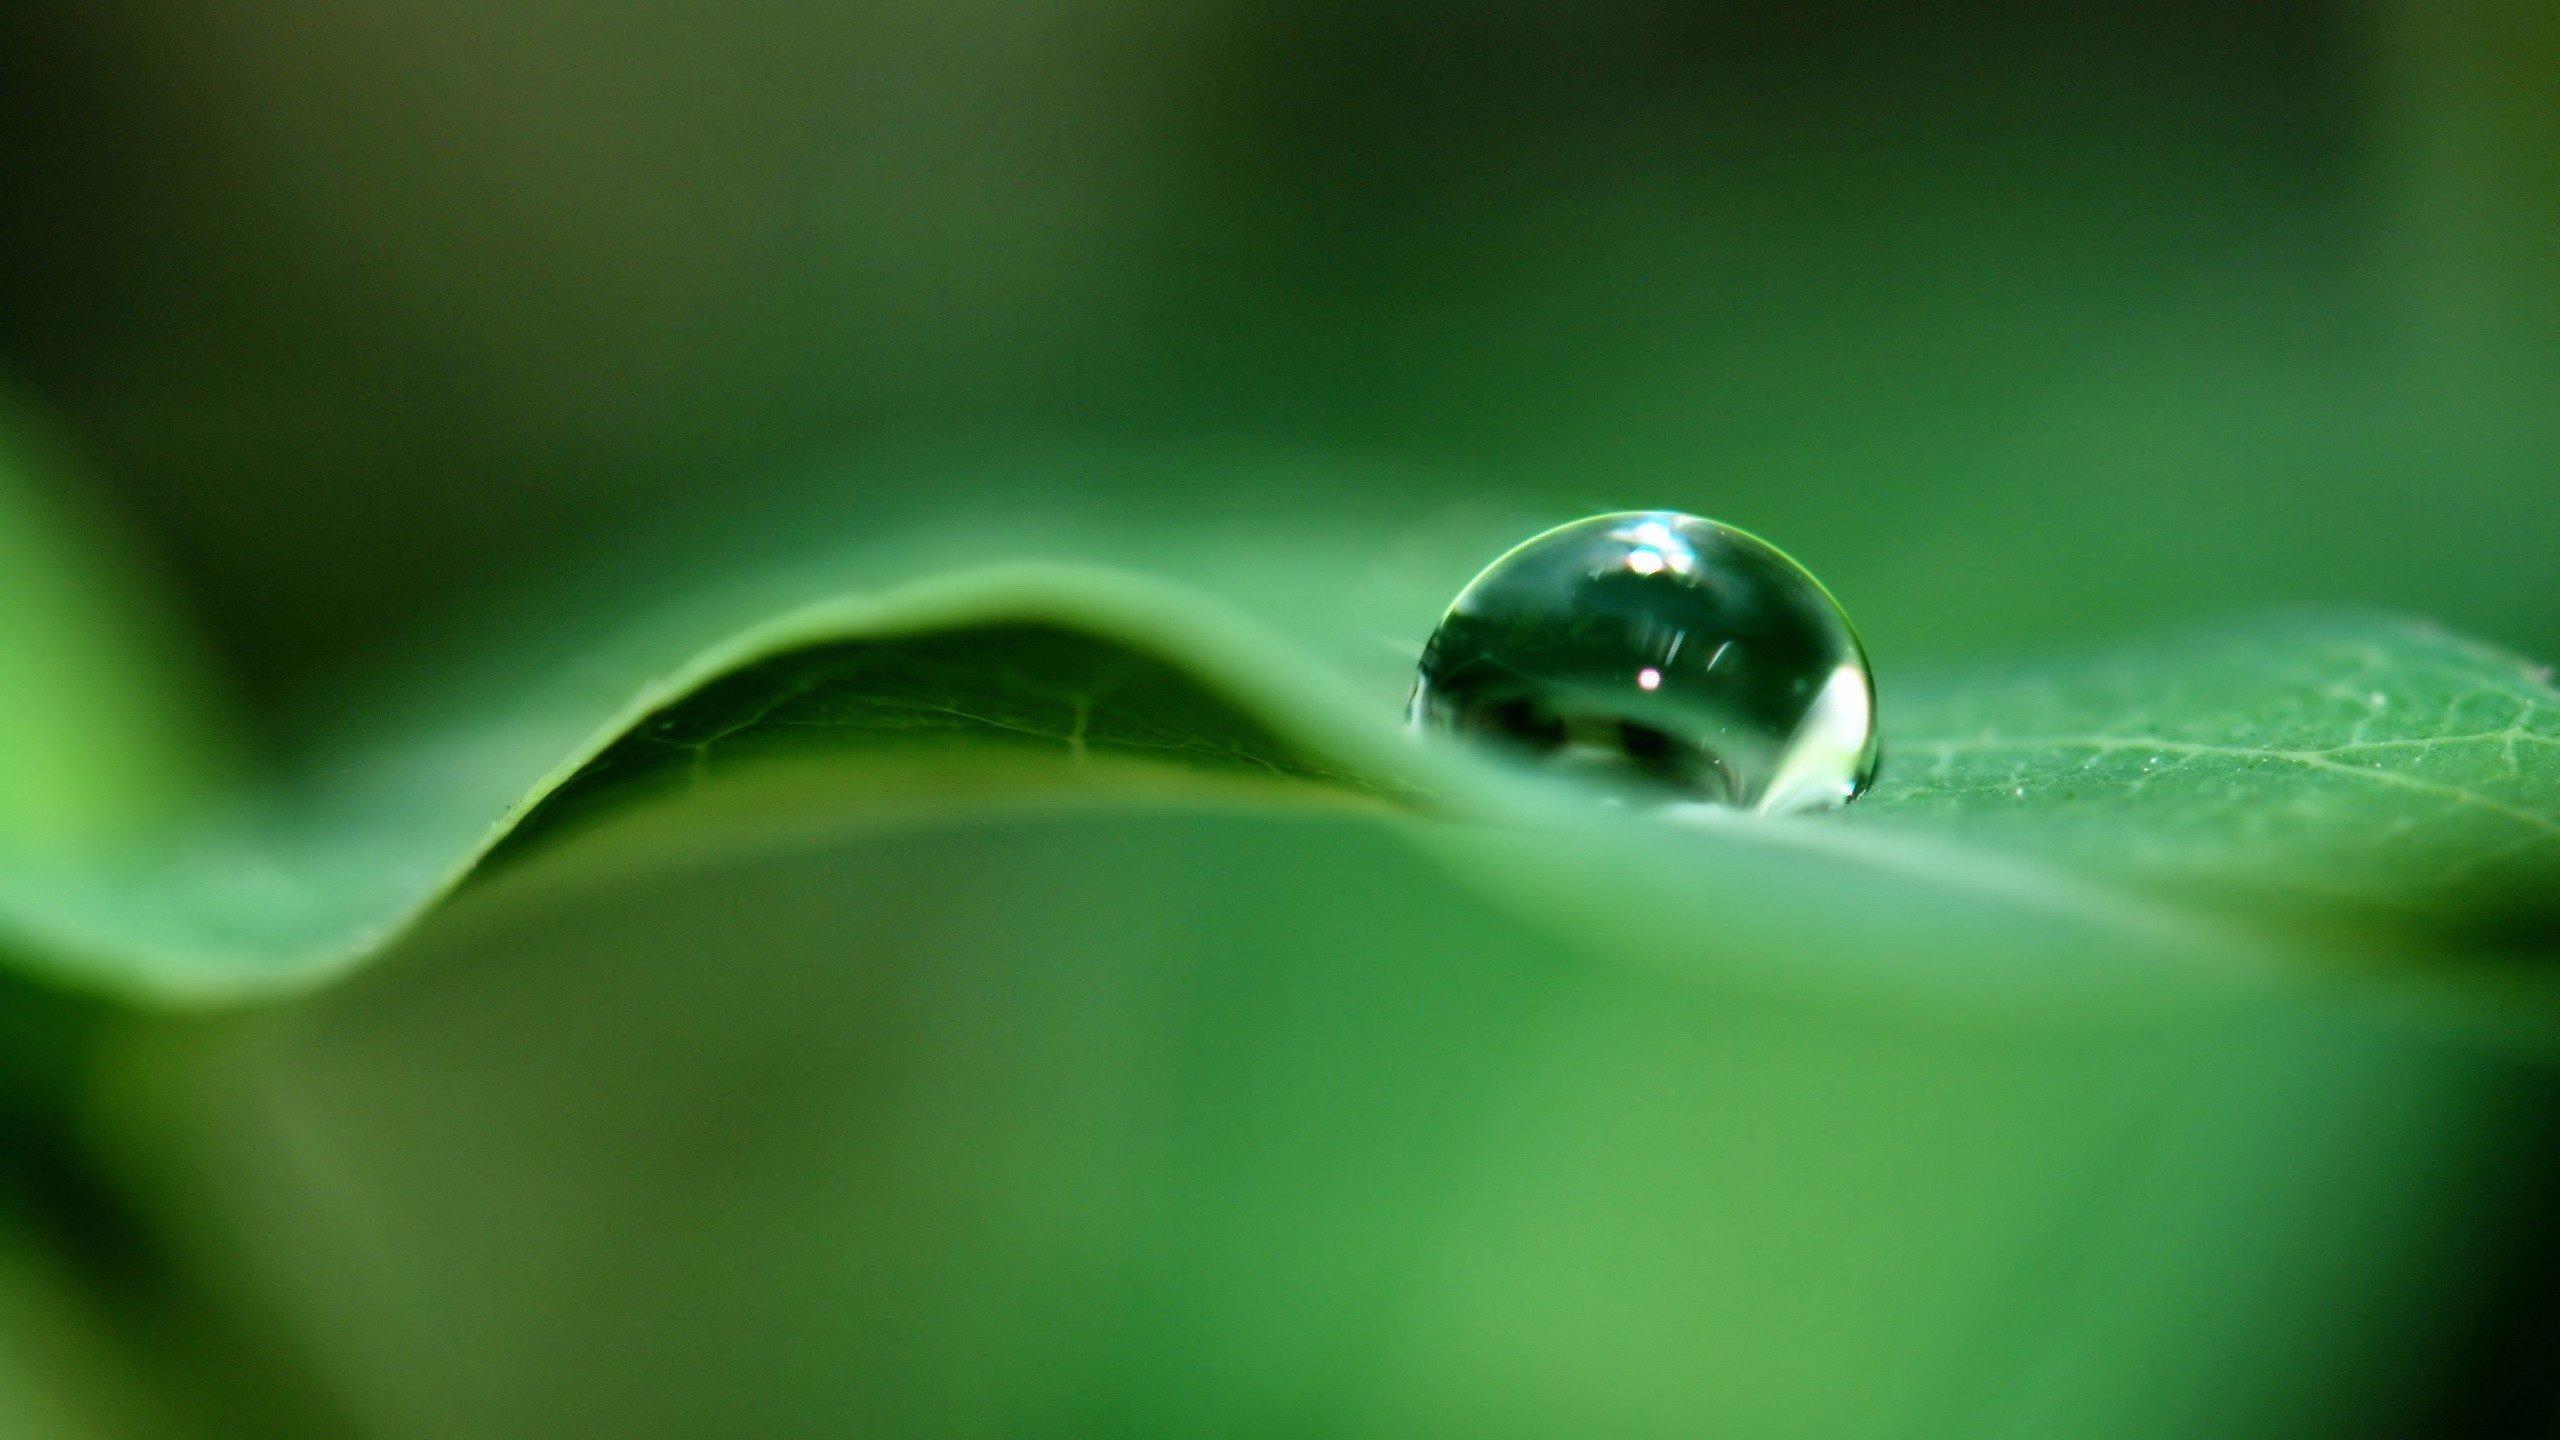 природа вода капля nature water drop  № 2047576 загрузить